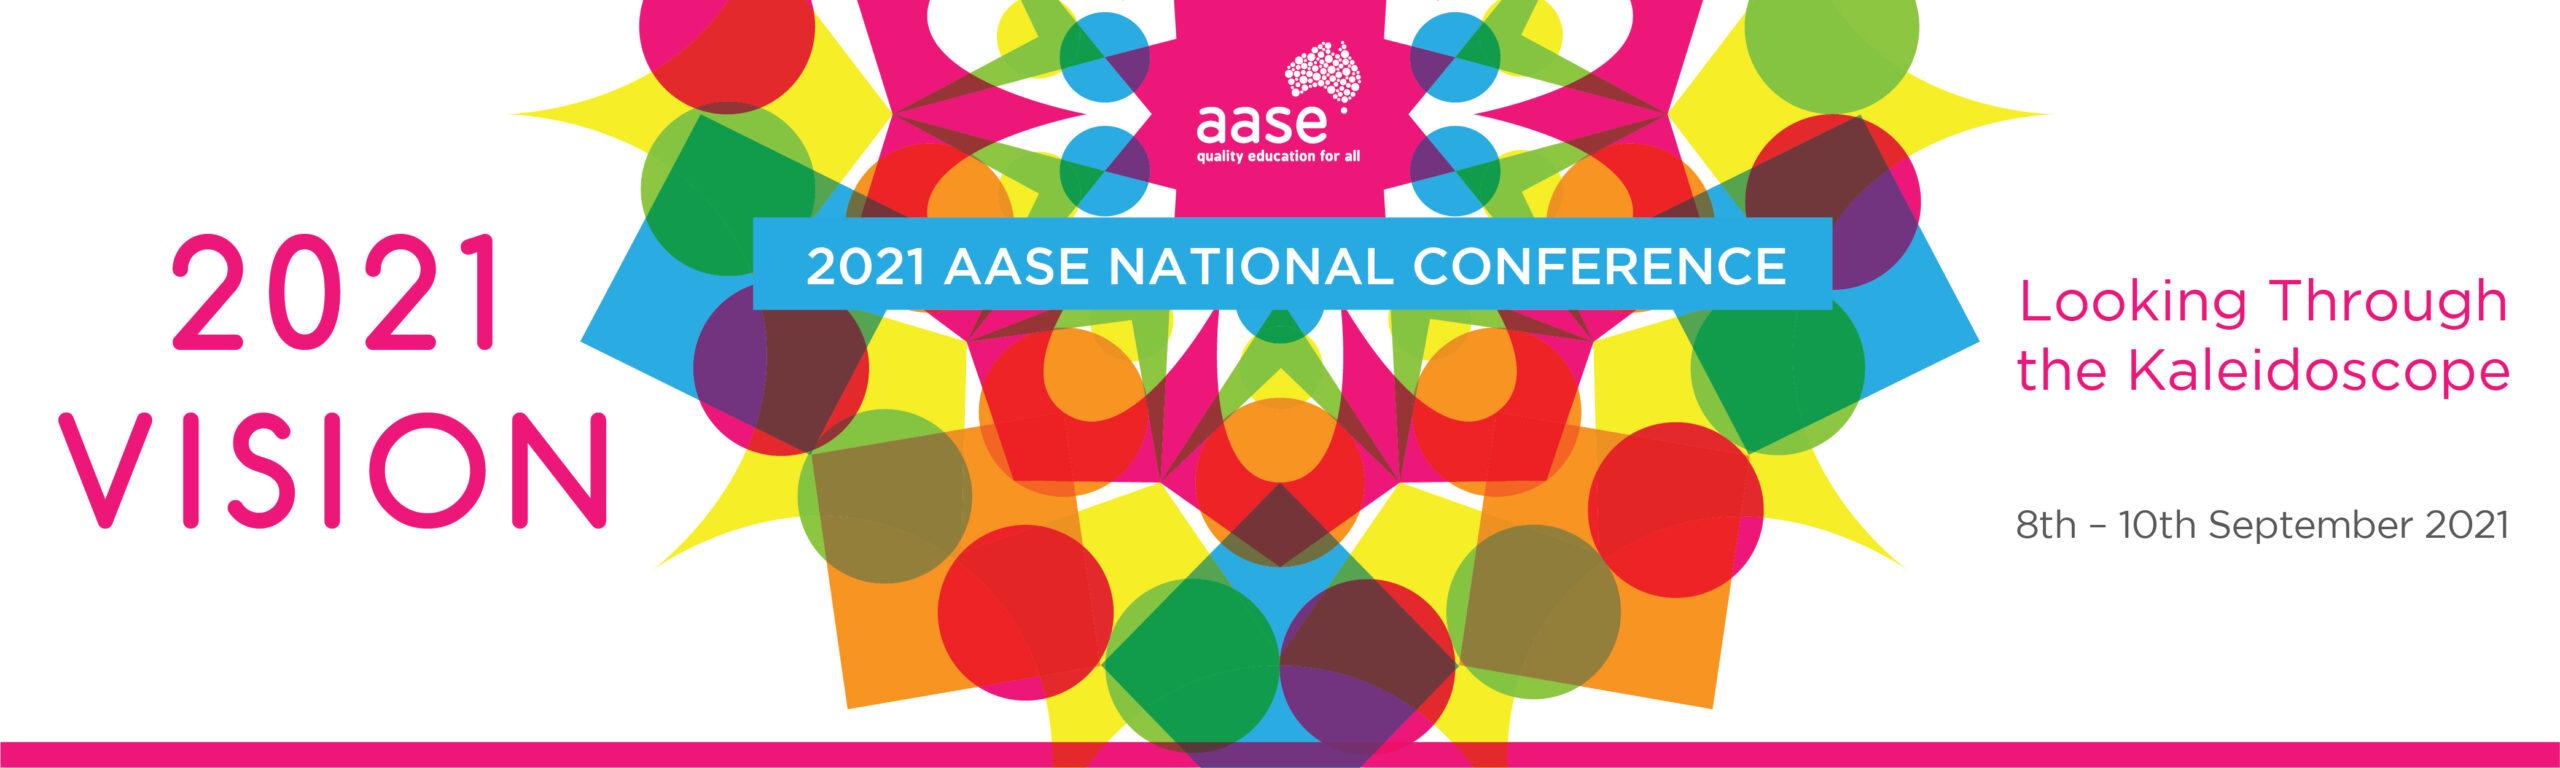 2021 AASE Conference Banner